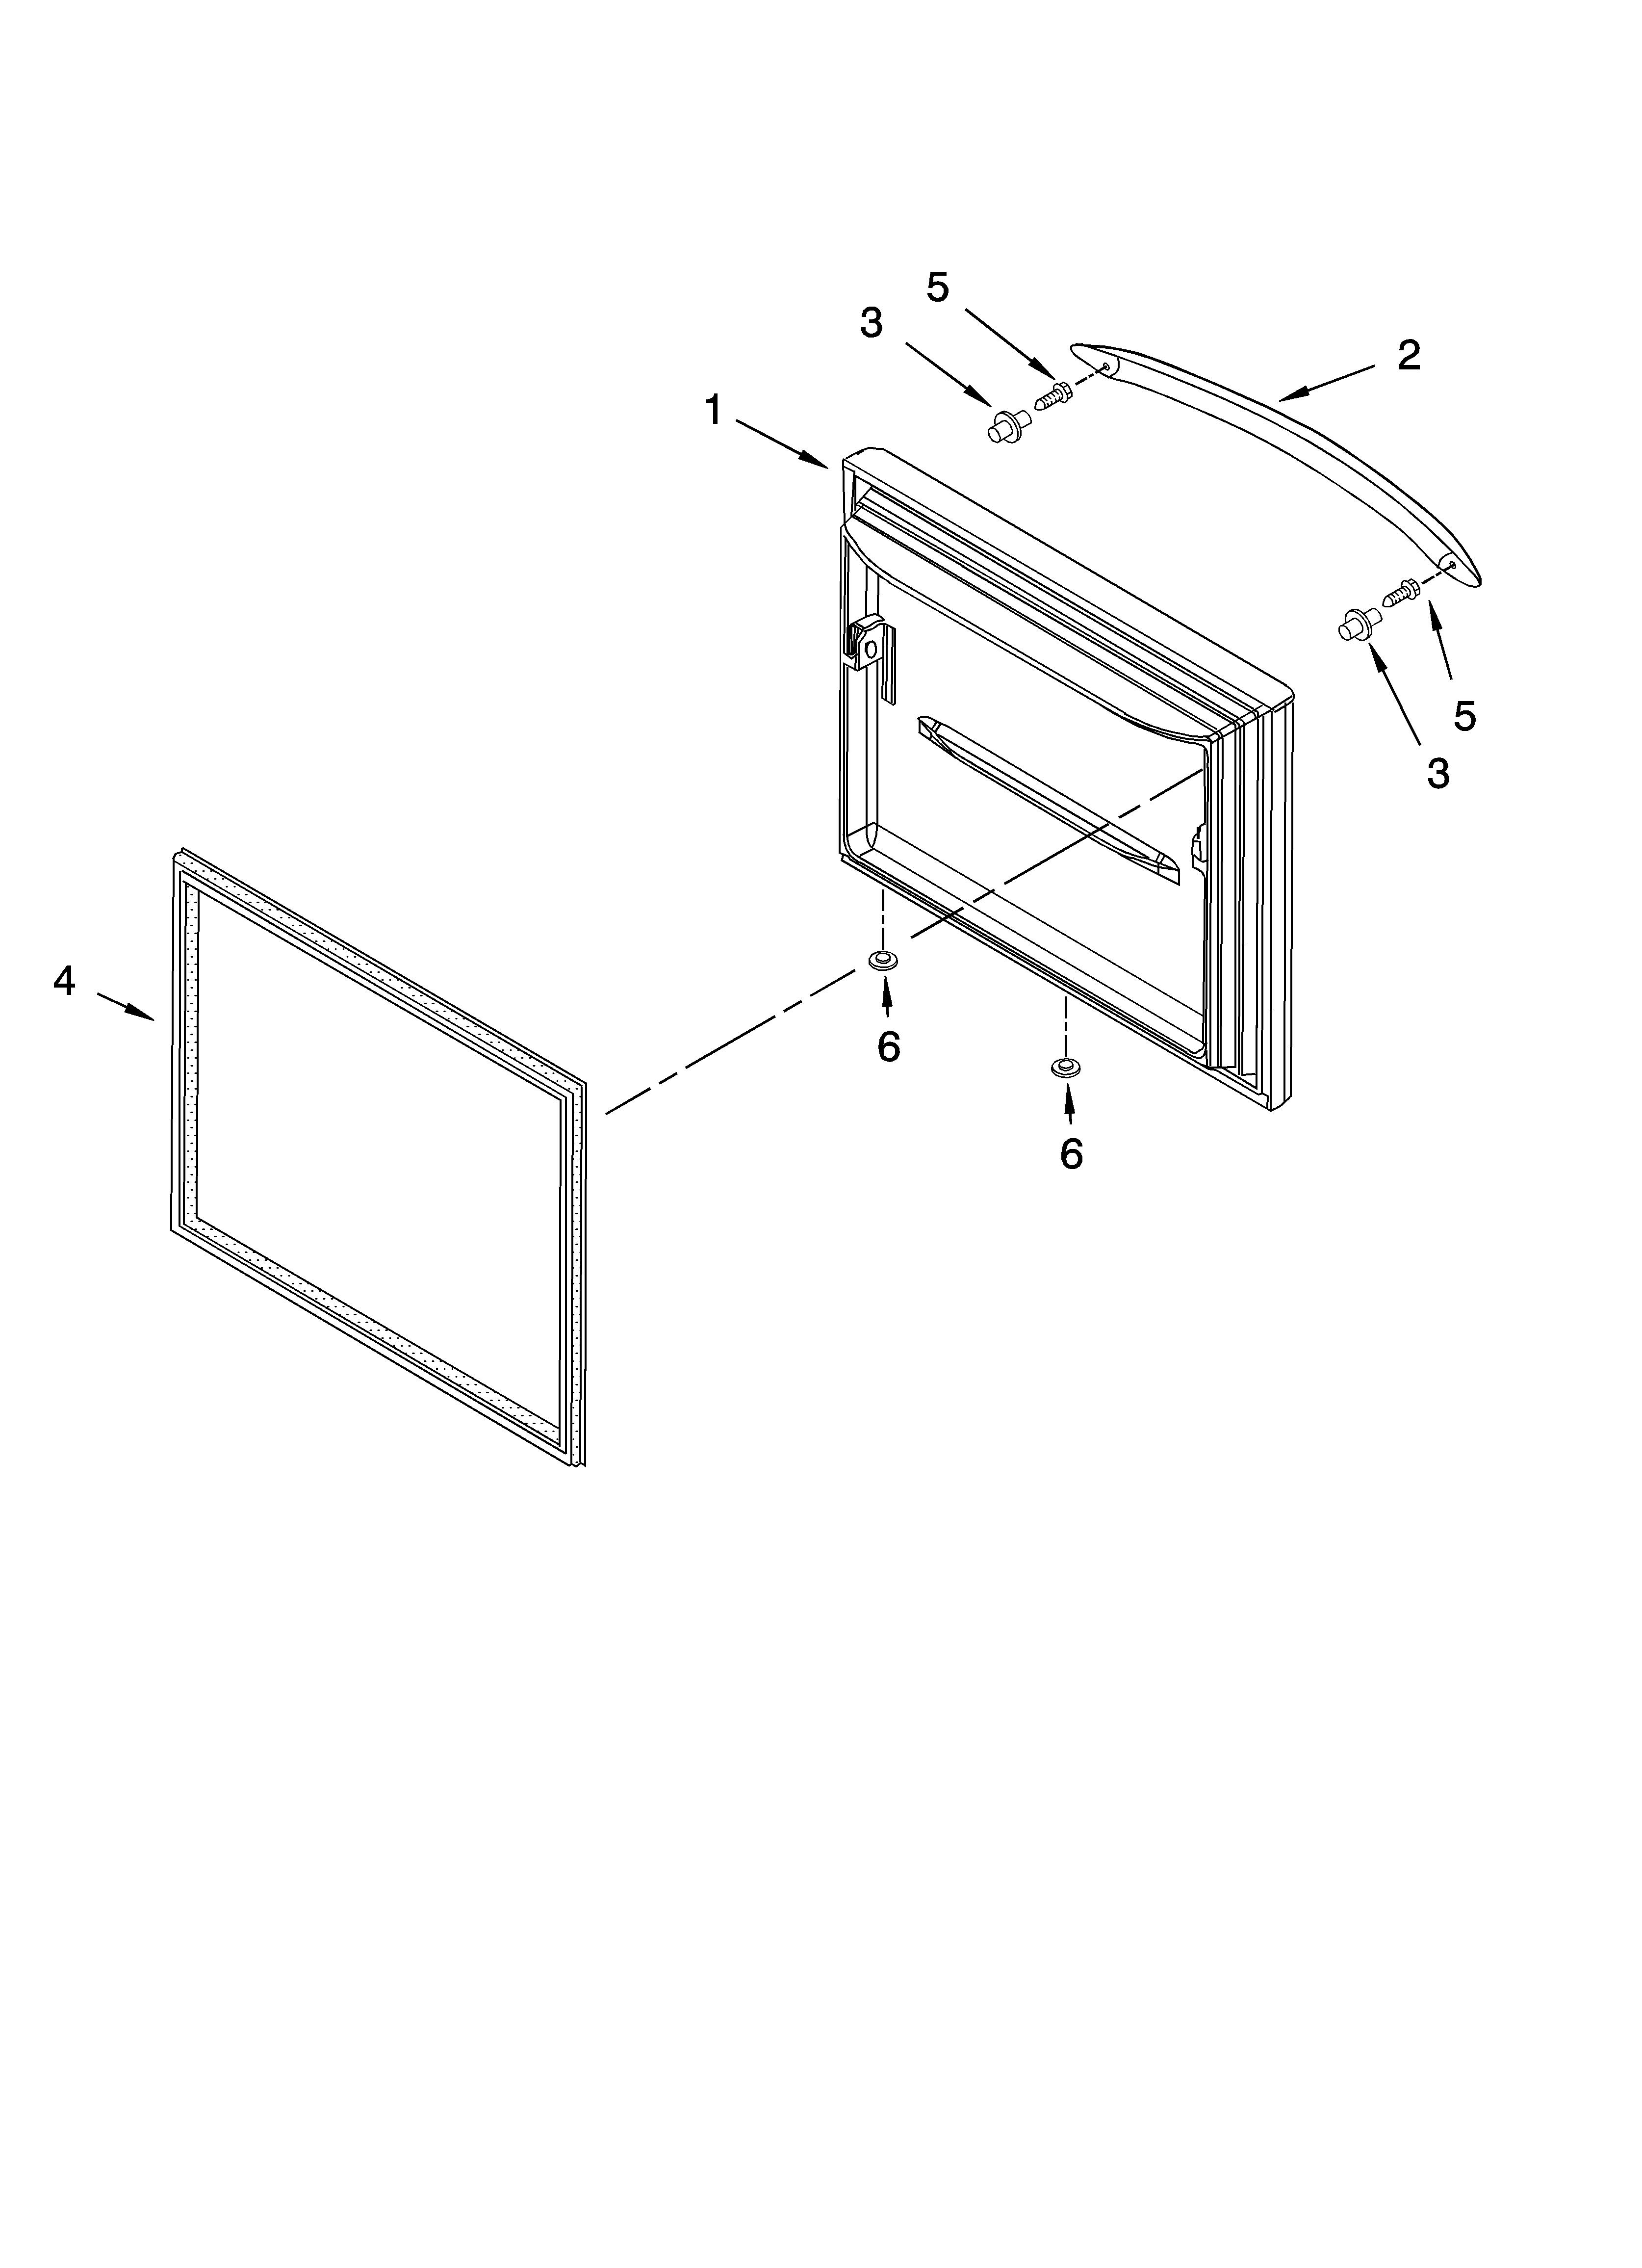 Kitchenaid model KBFS20ETSS01 bottom-mount refrigerator